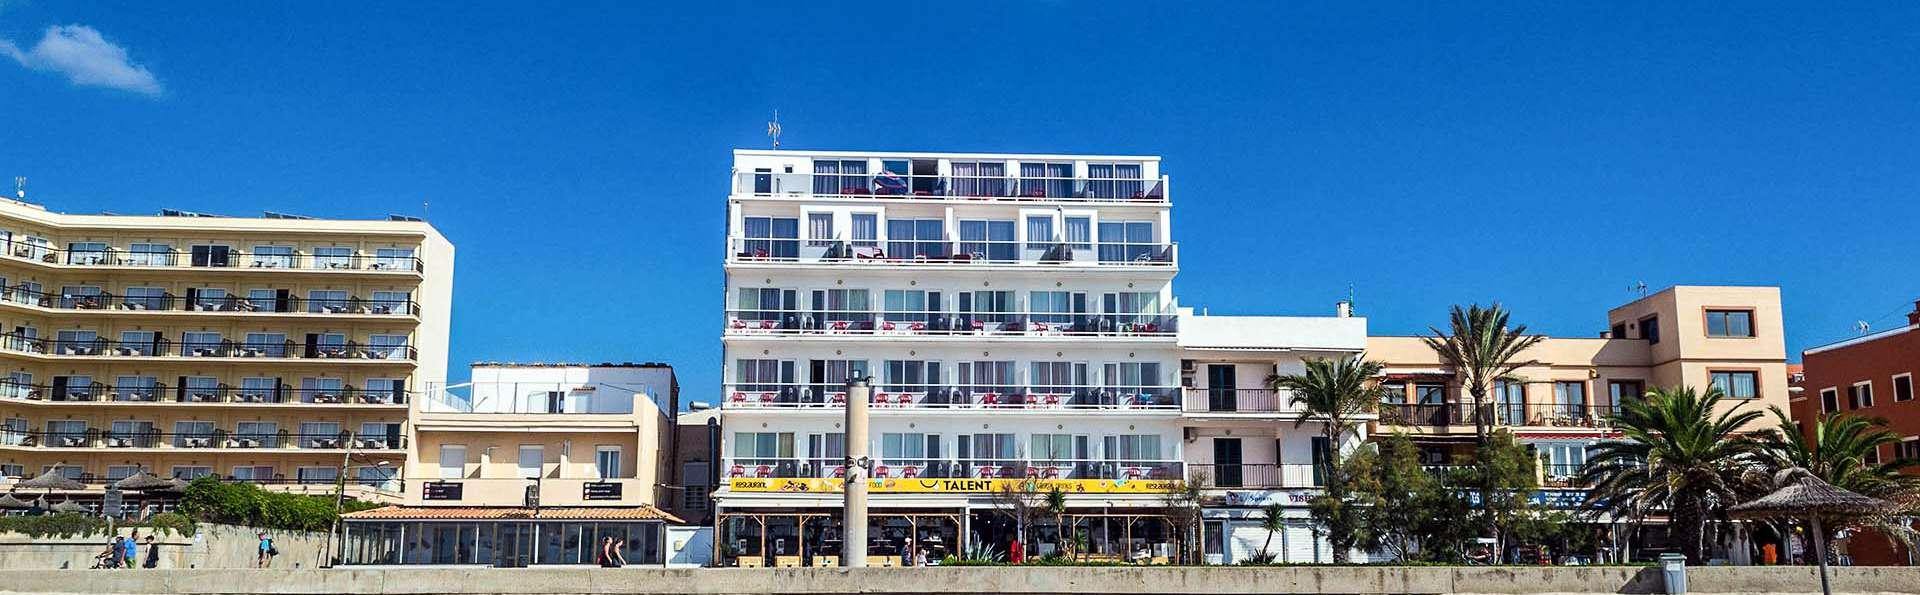 Som Saulò - EDIT_Som-Saulo-facade_03.jpg